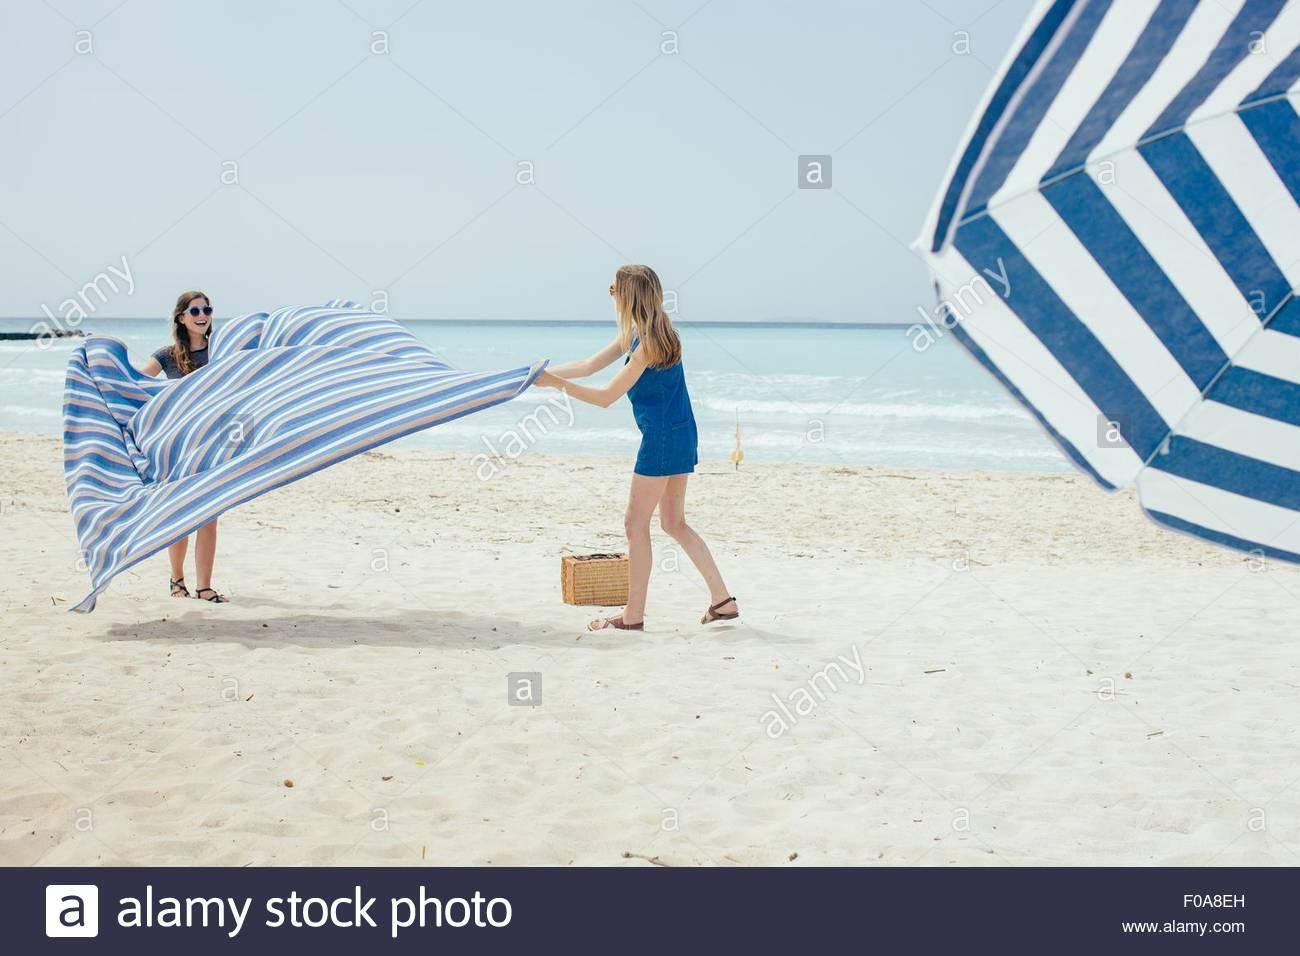 Deux jeunes amis féminins pose couverture de pique-nique sur la plage Photo Stock